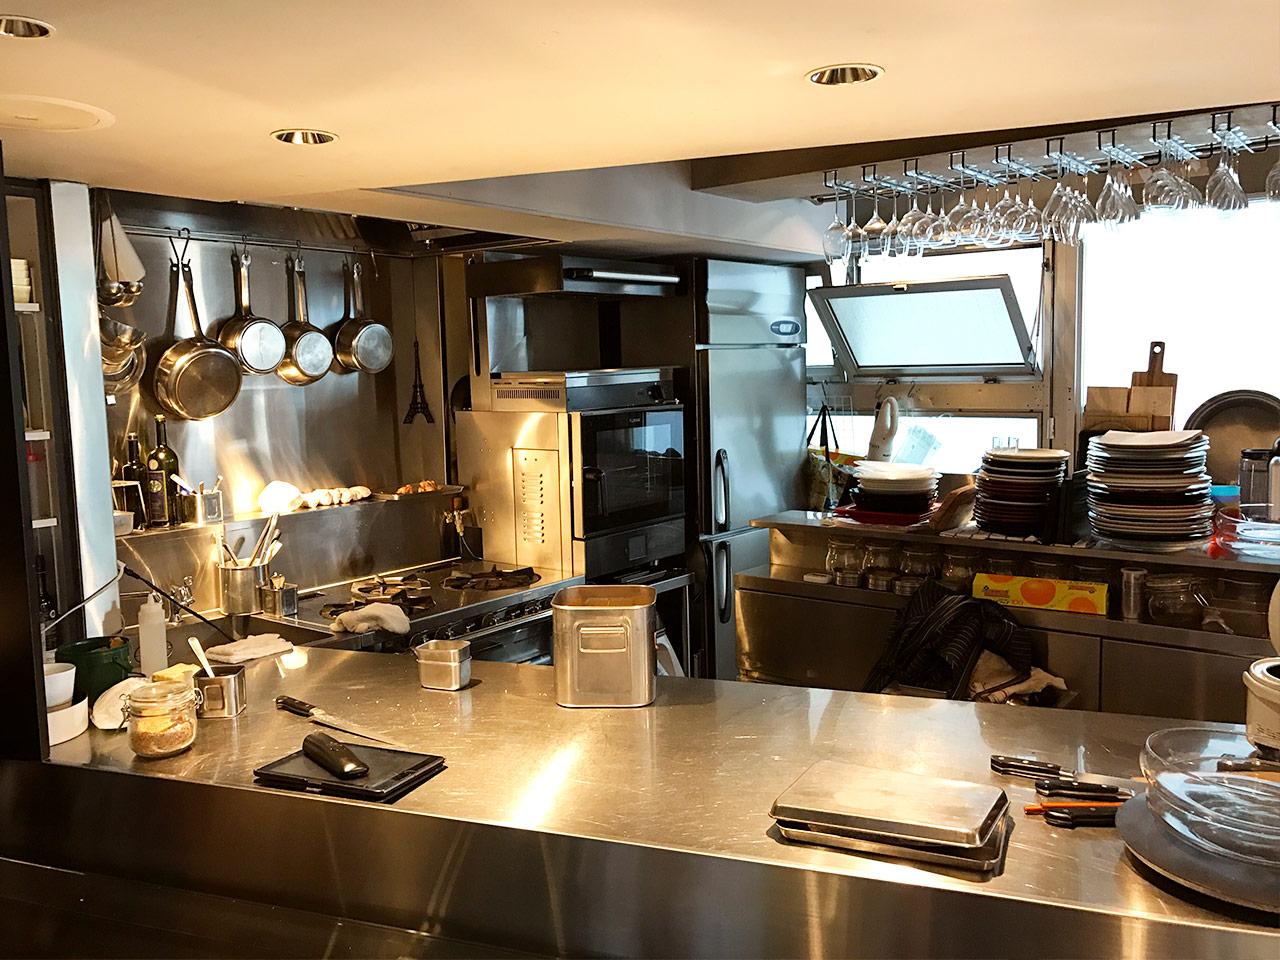 三軒茶屋「マルノワ」のオープンキッチン